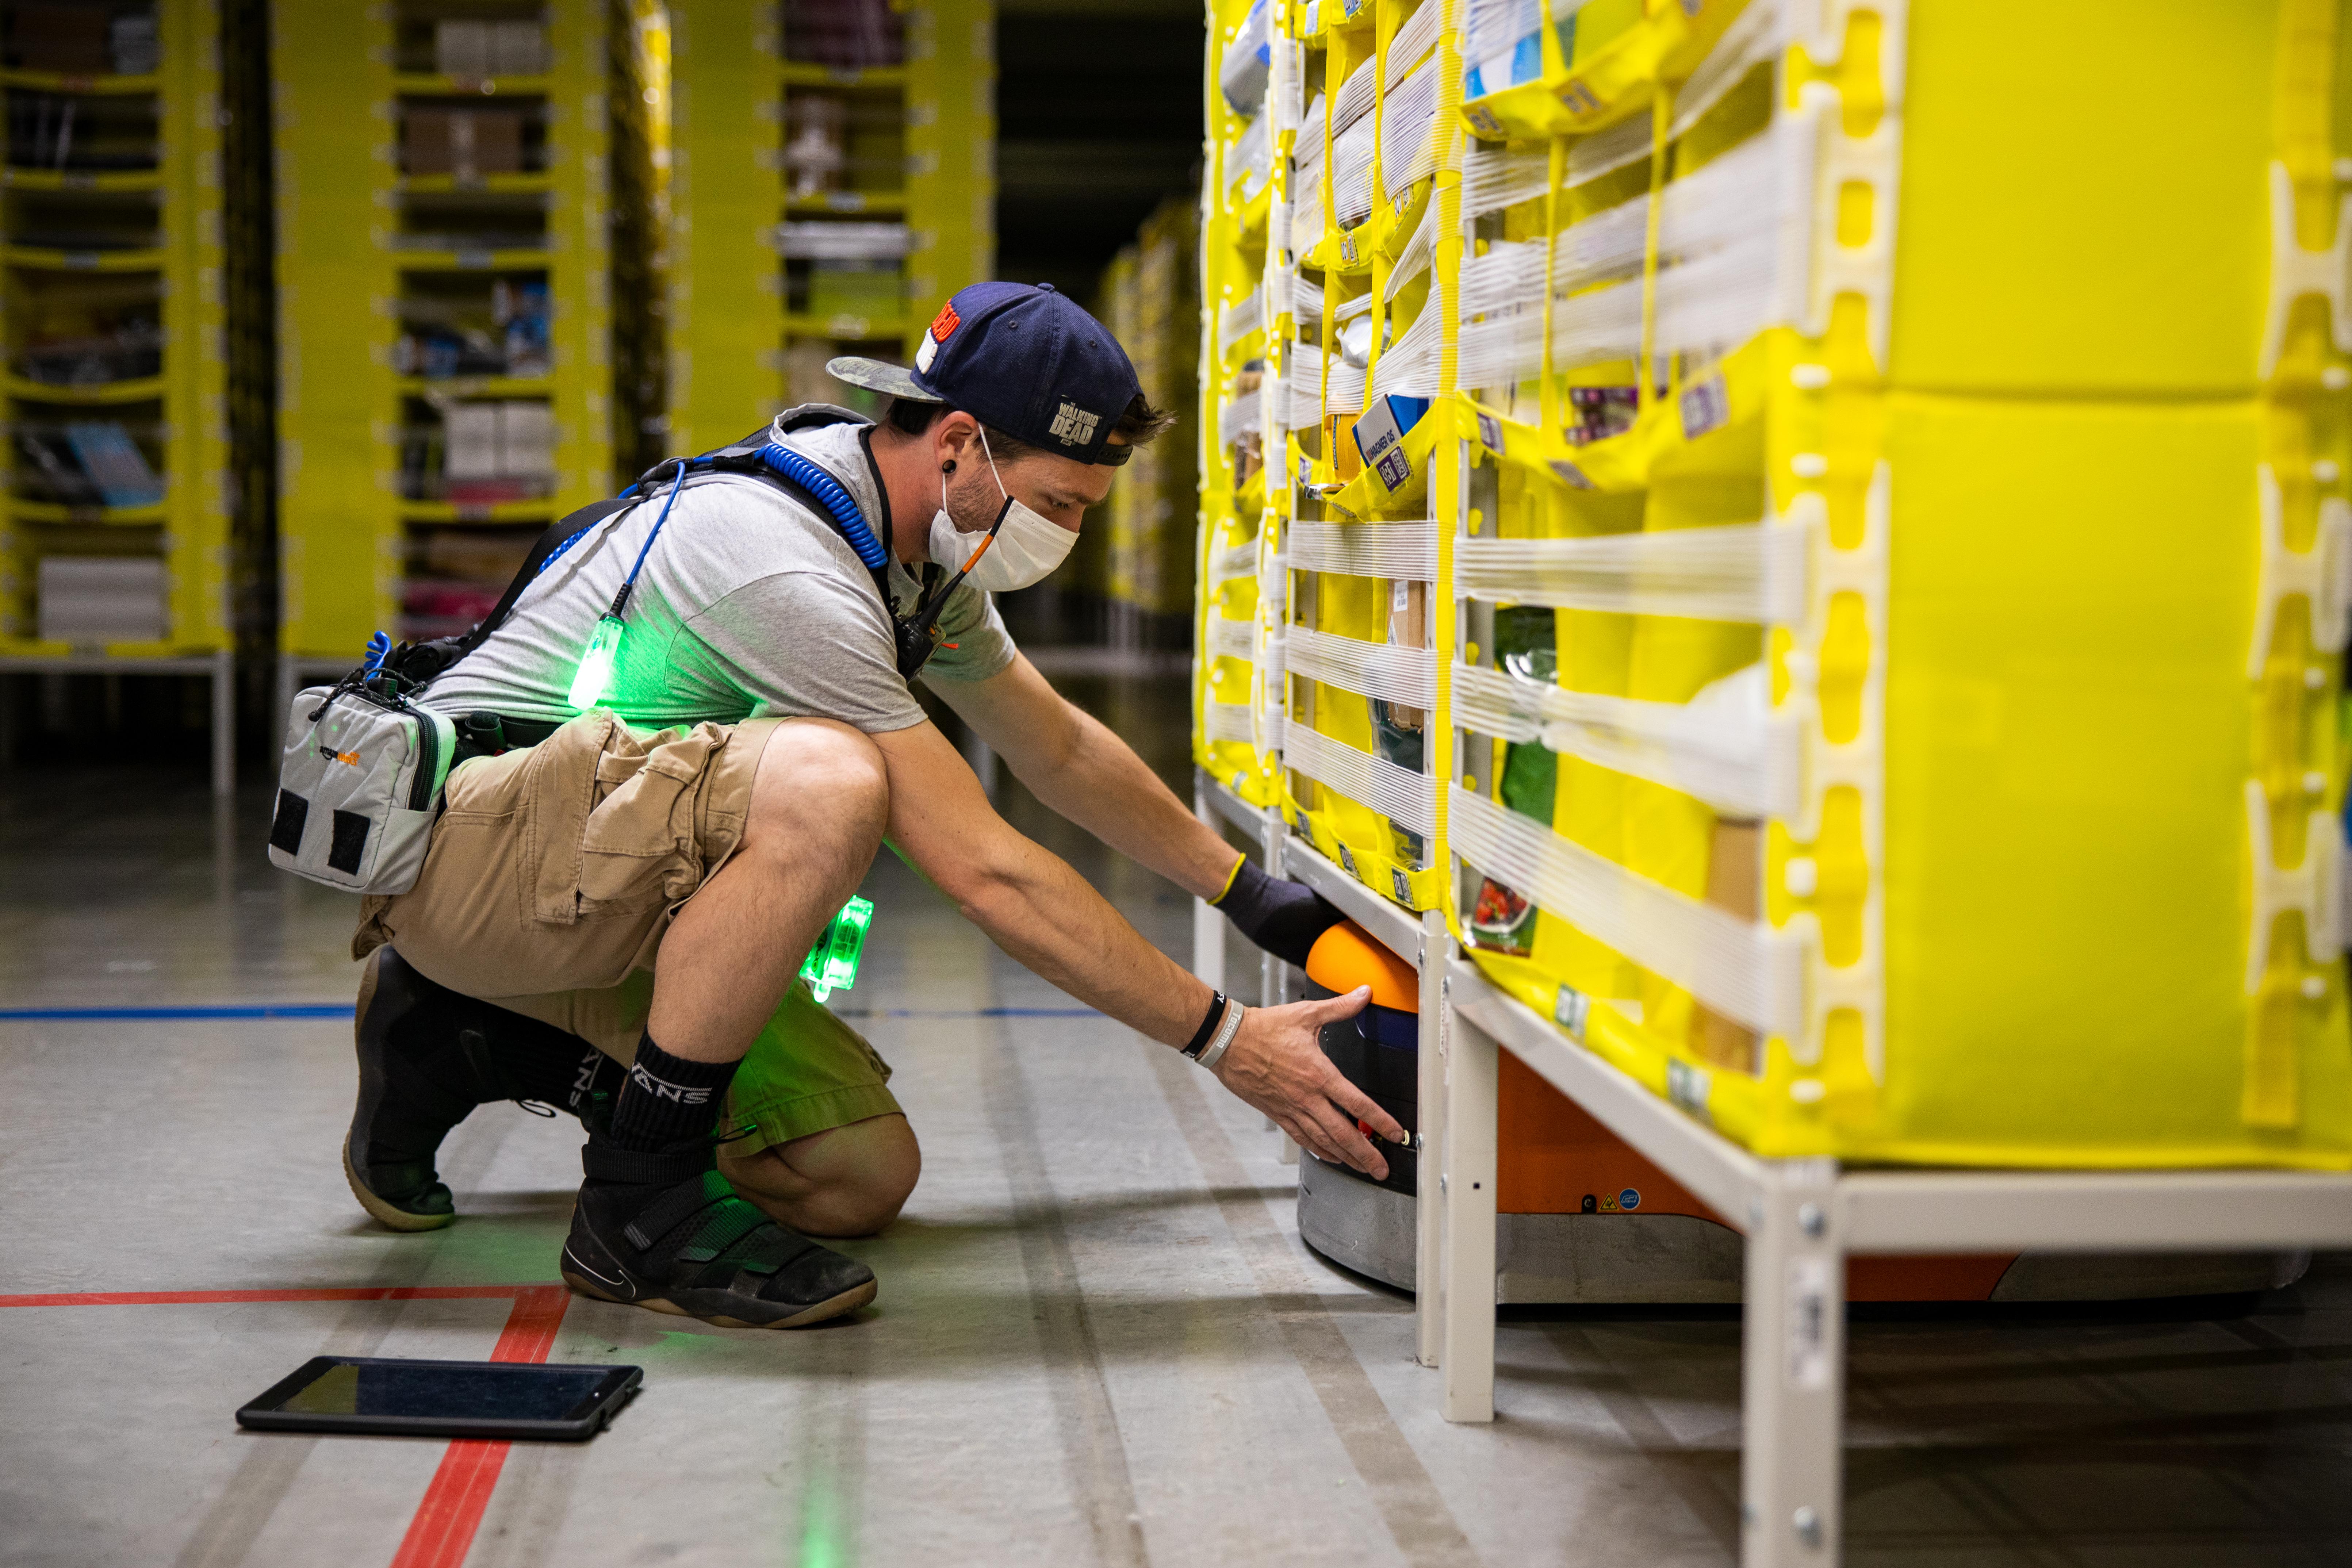 Amazon associate wearing ppe 4